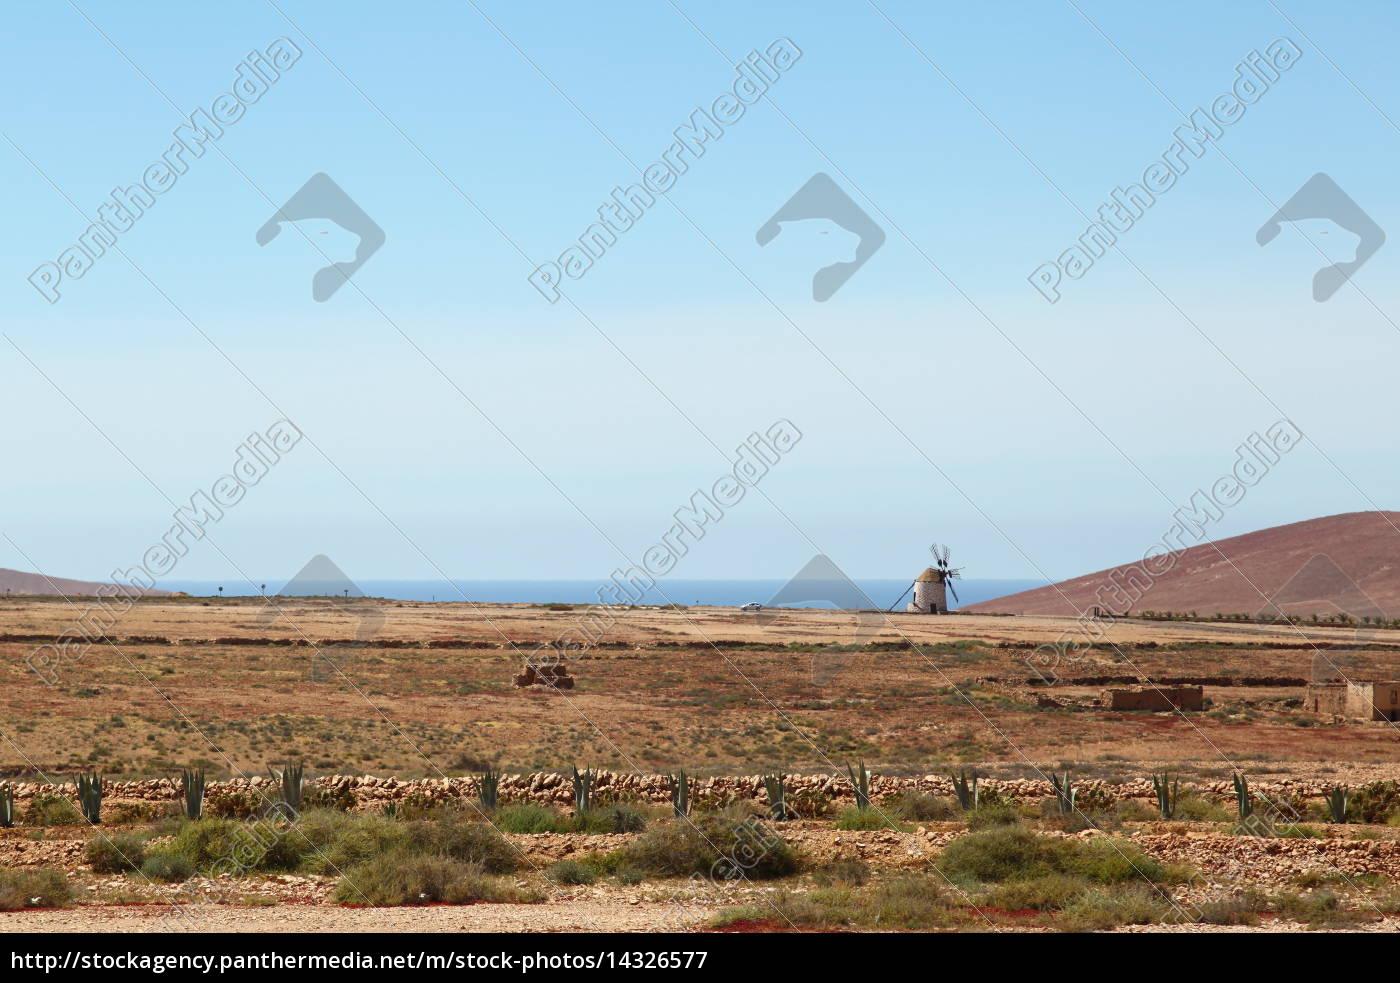 Fuerteventura, Kanarischen Inseln, Kanaren, Insel, Landschaft, Urlaub - 14326577